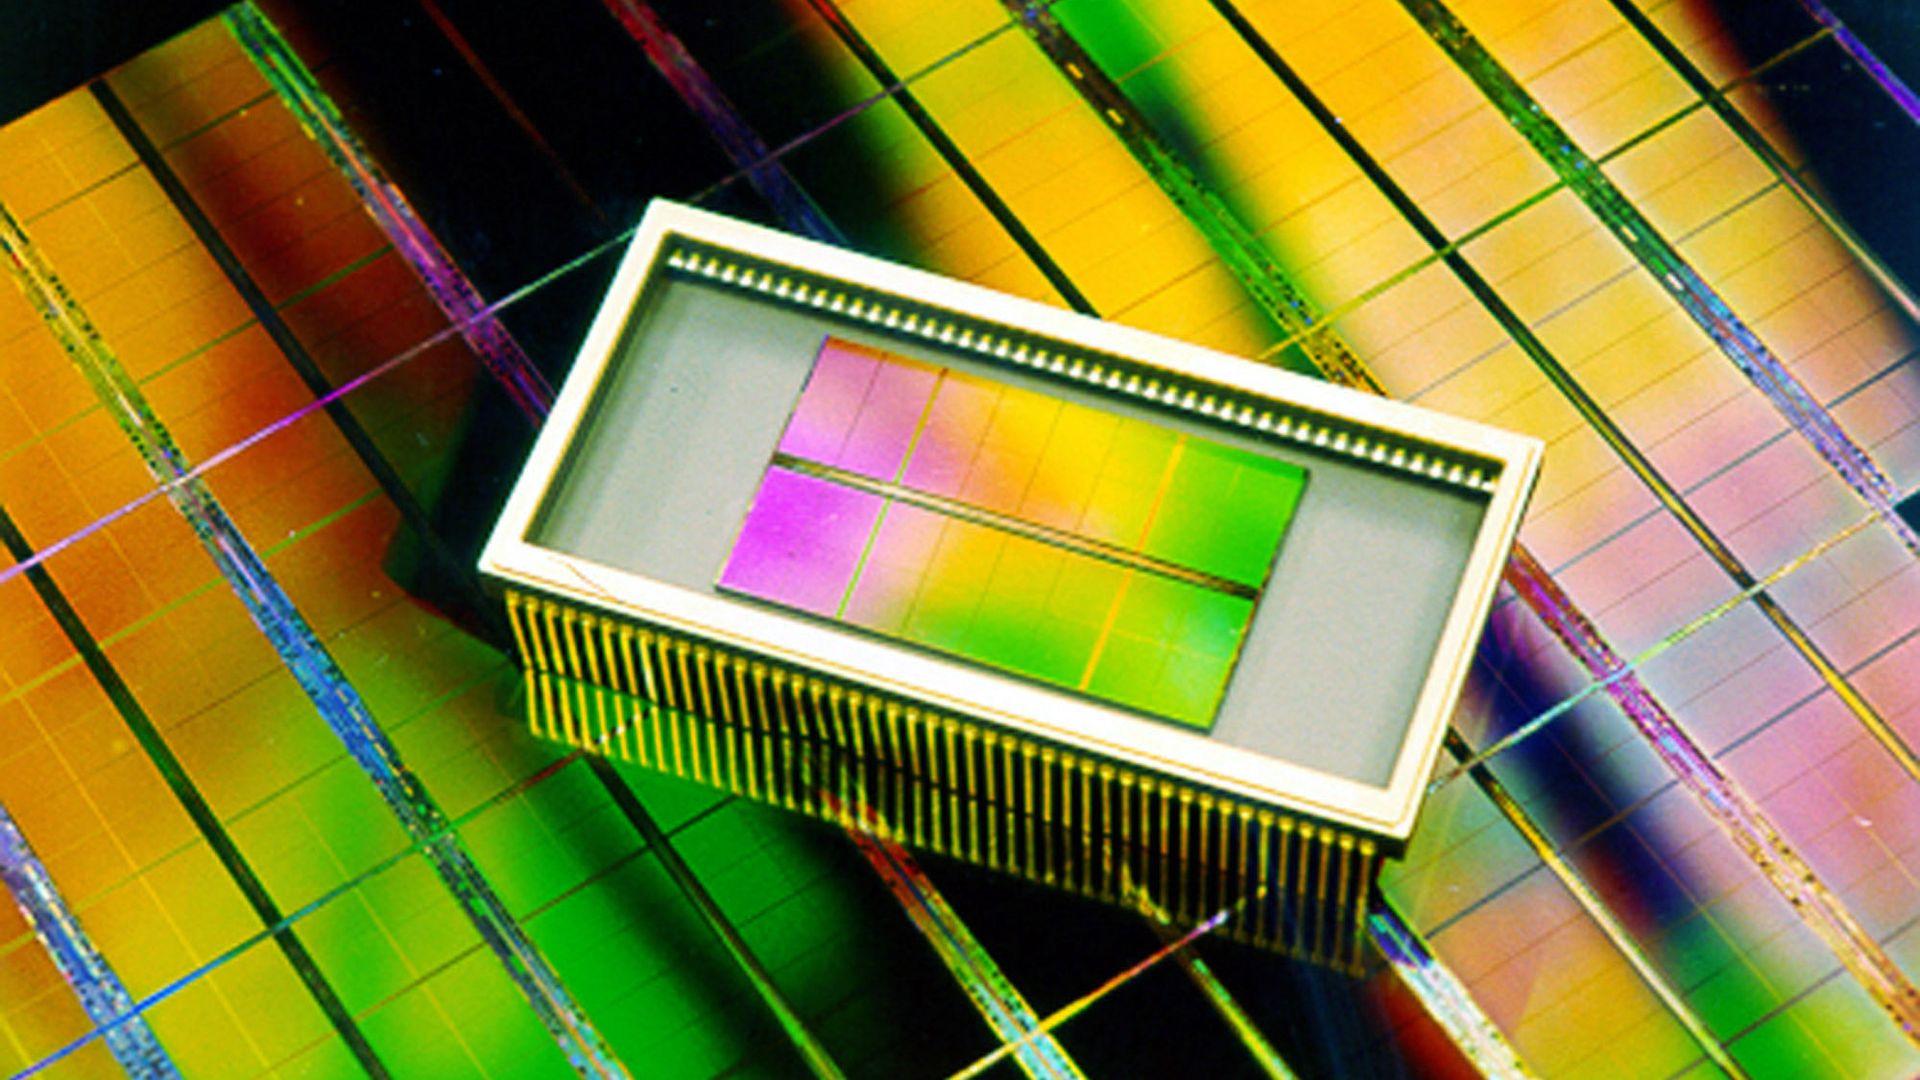 DRAM chips